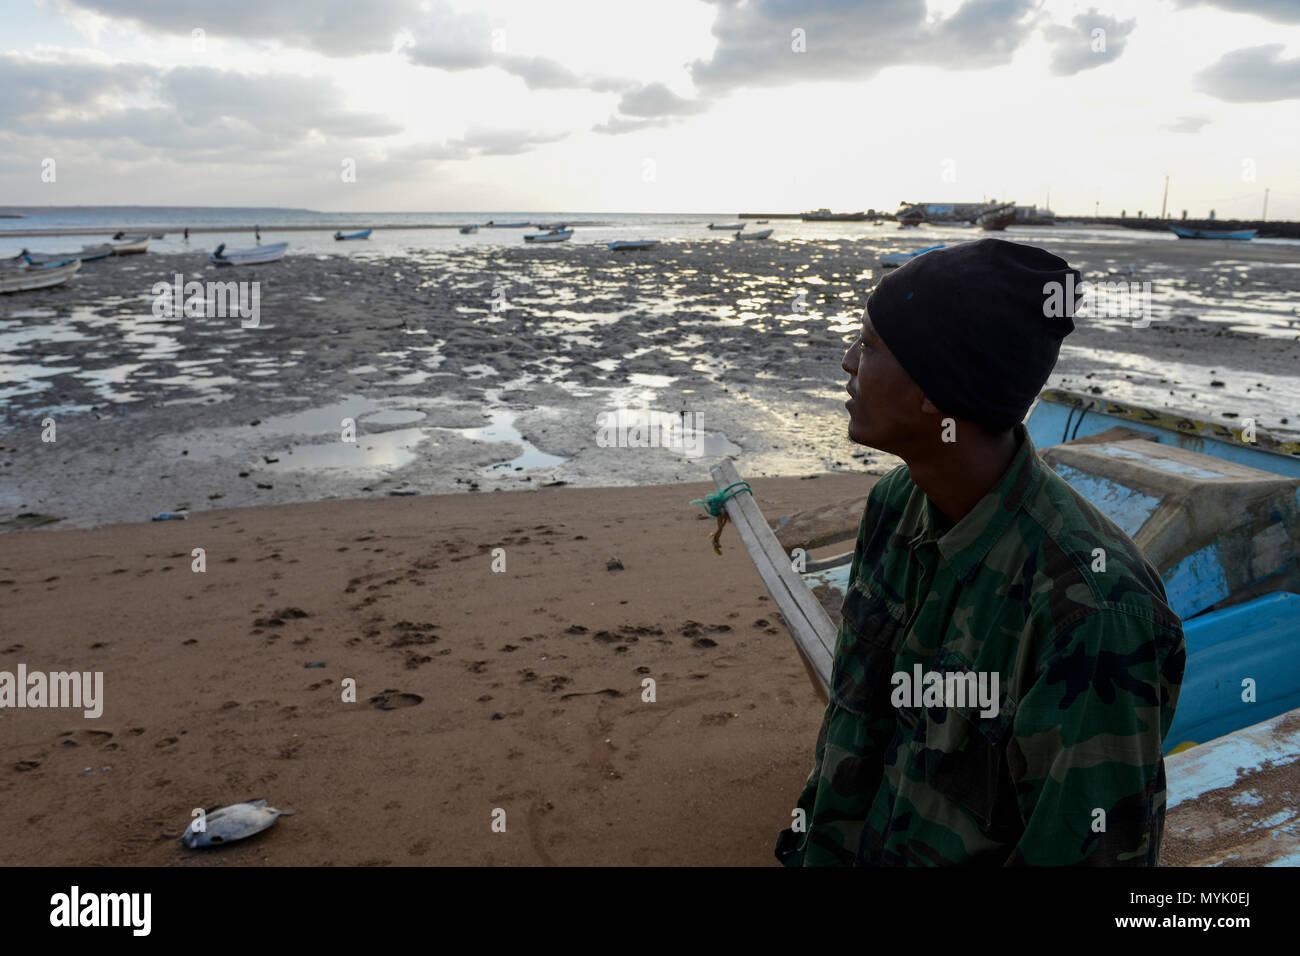 Gibuti , Obock, da qui i migranti etiope tentano di attraversare i Bab el Mandeb, Mar Rosso, il Golfo di Aden dal contrabbandiere barche nello Yemen per continuare il viaggio in Arabia Saudita o in Europa, migrante etiope guardando al mare / DSCHIBUTI, Obock, Meerenge Bab el Mandeb, Mit Hilfe von Schleppern versuchen aethiopische Migranten hier nach Jemen ueberzusetzen, um weiter nach Saudi Arabien oder Europa zu gelangen Immagini Stock